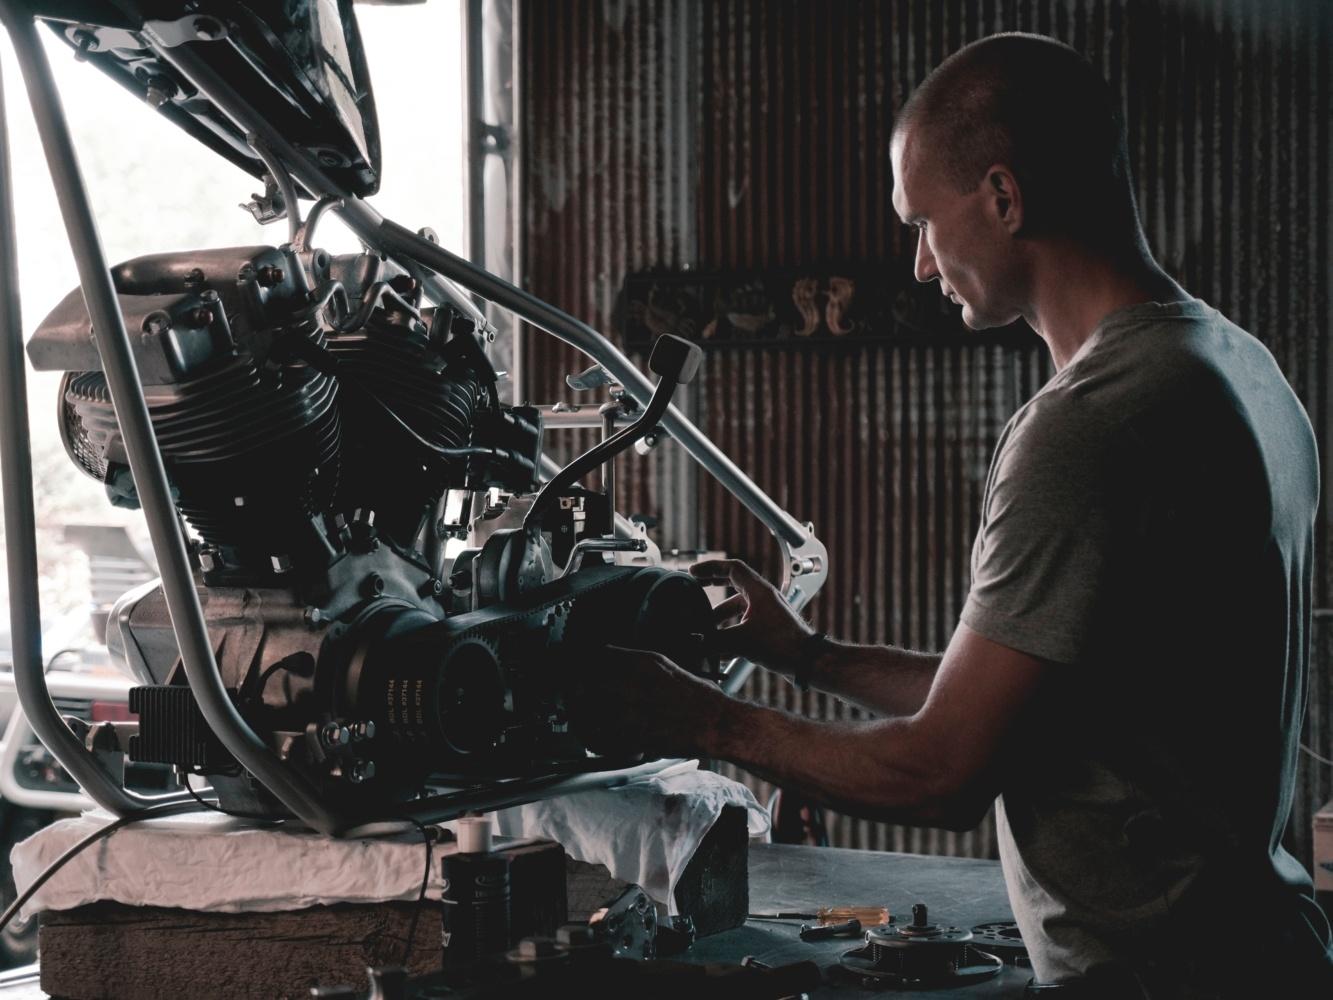 エンジンを触る男性